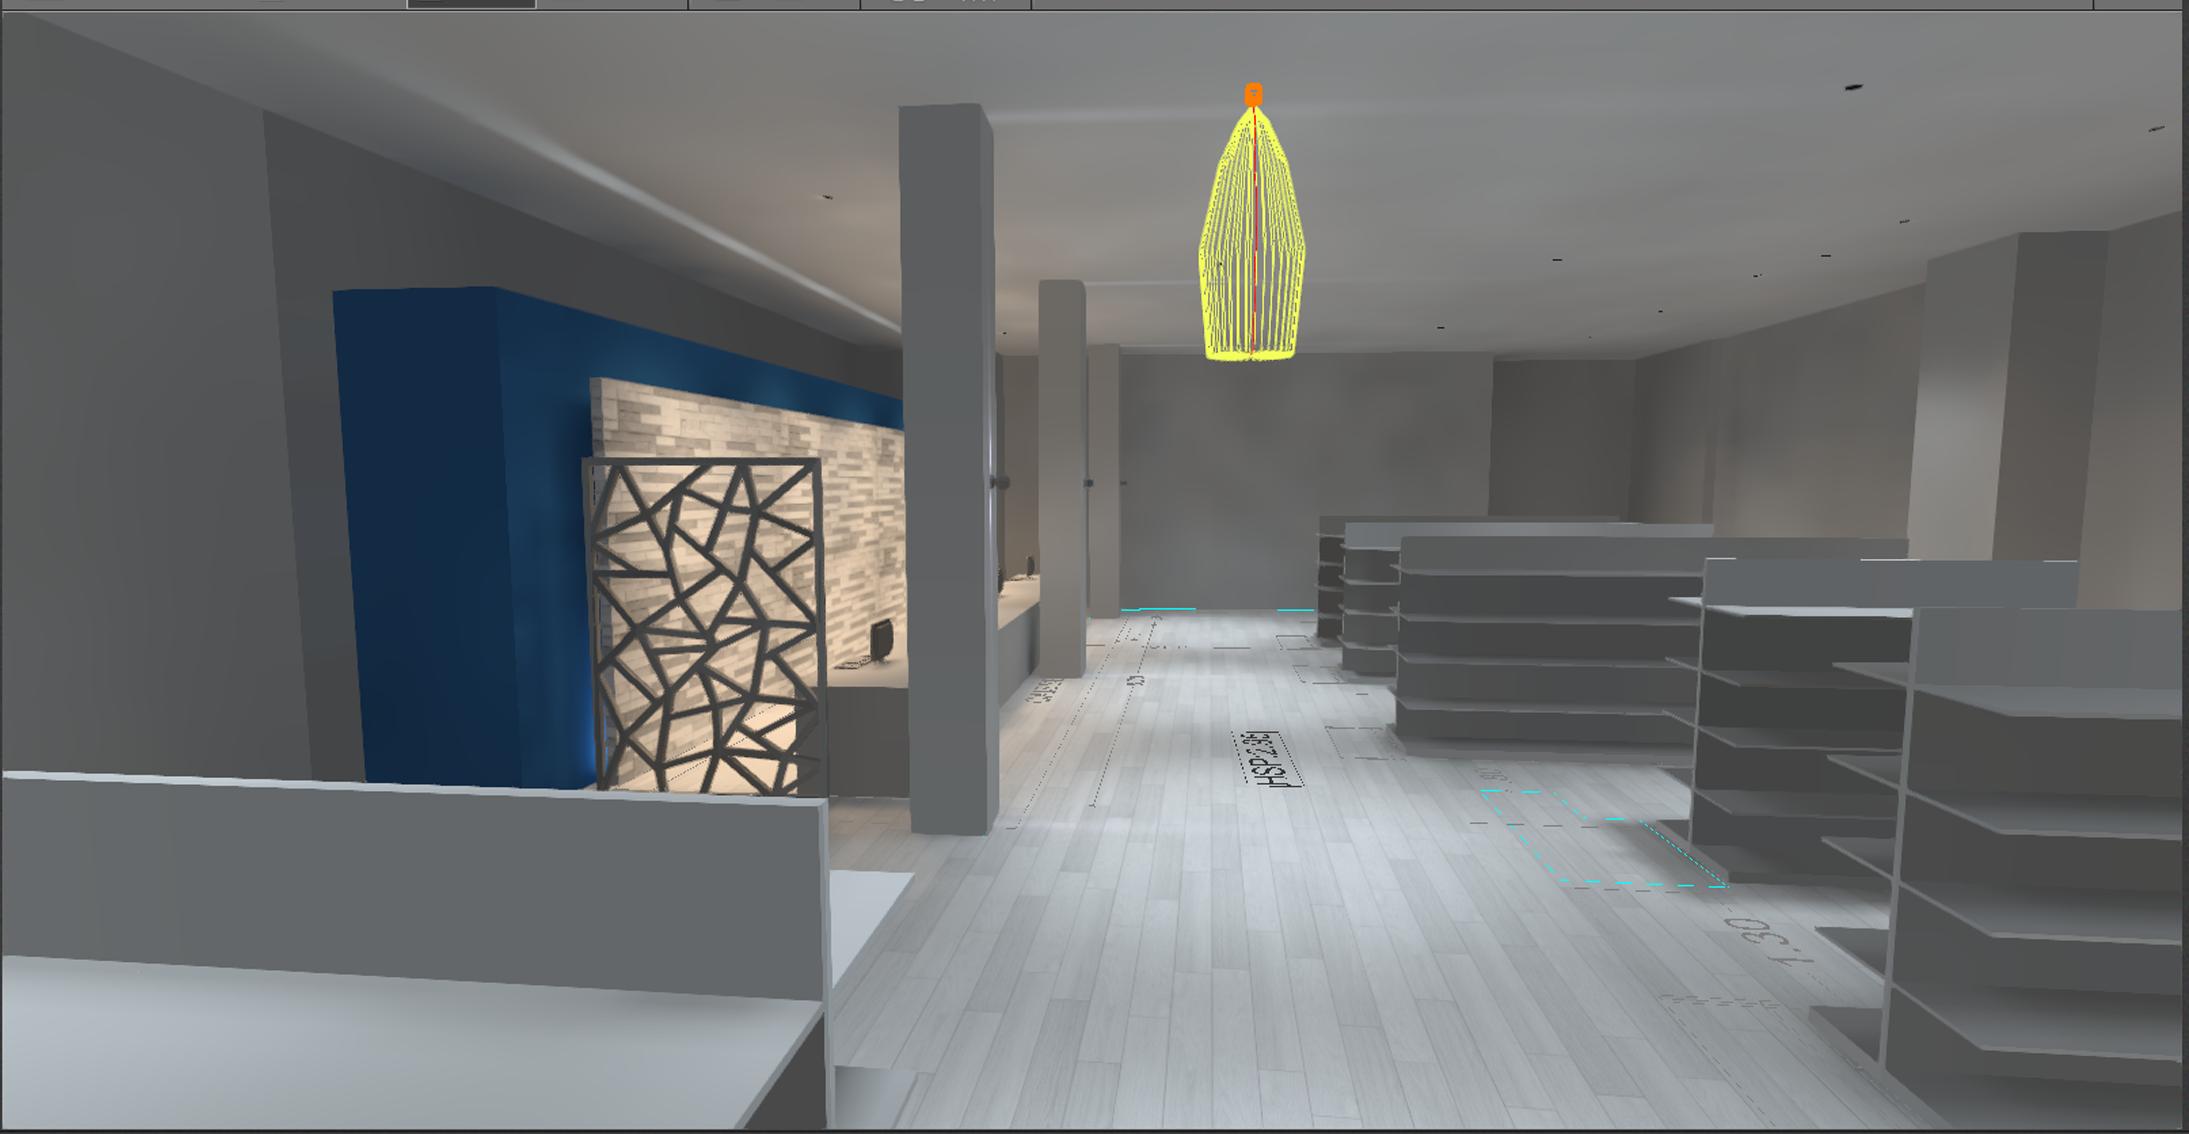 tutoriel dialux evo gestion des photom tries light zoom lumi re le portail de la lumi re. Black Bedroom Furniture Sets. Home Design Ideas